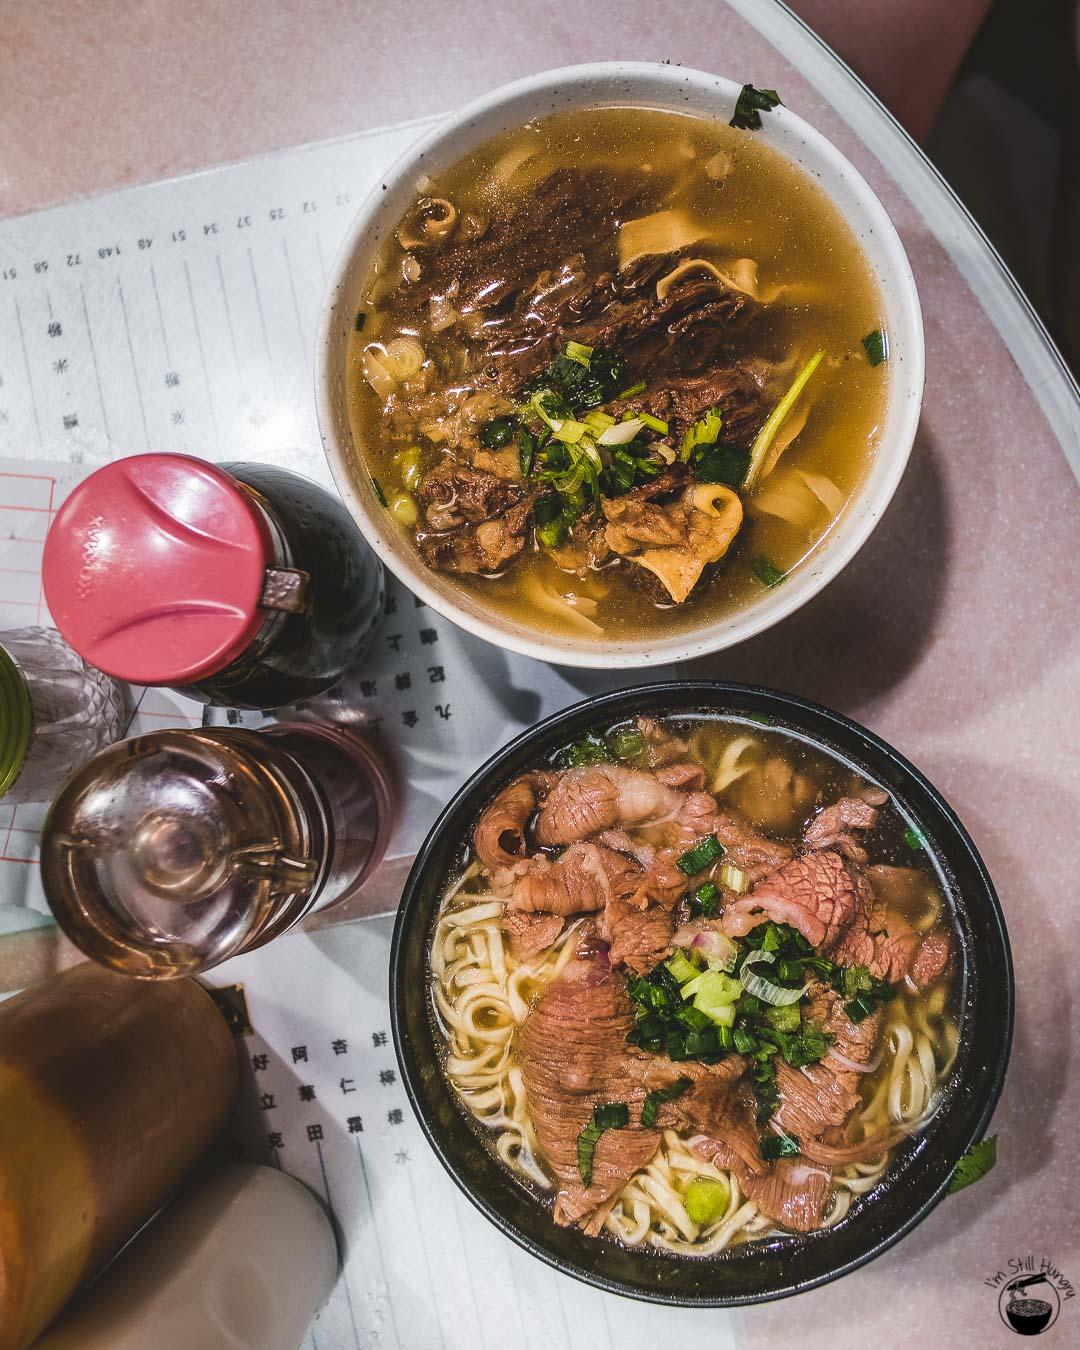 Kau Kee Hong Kong Beef brisket & sliced beef noodles